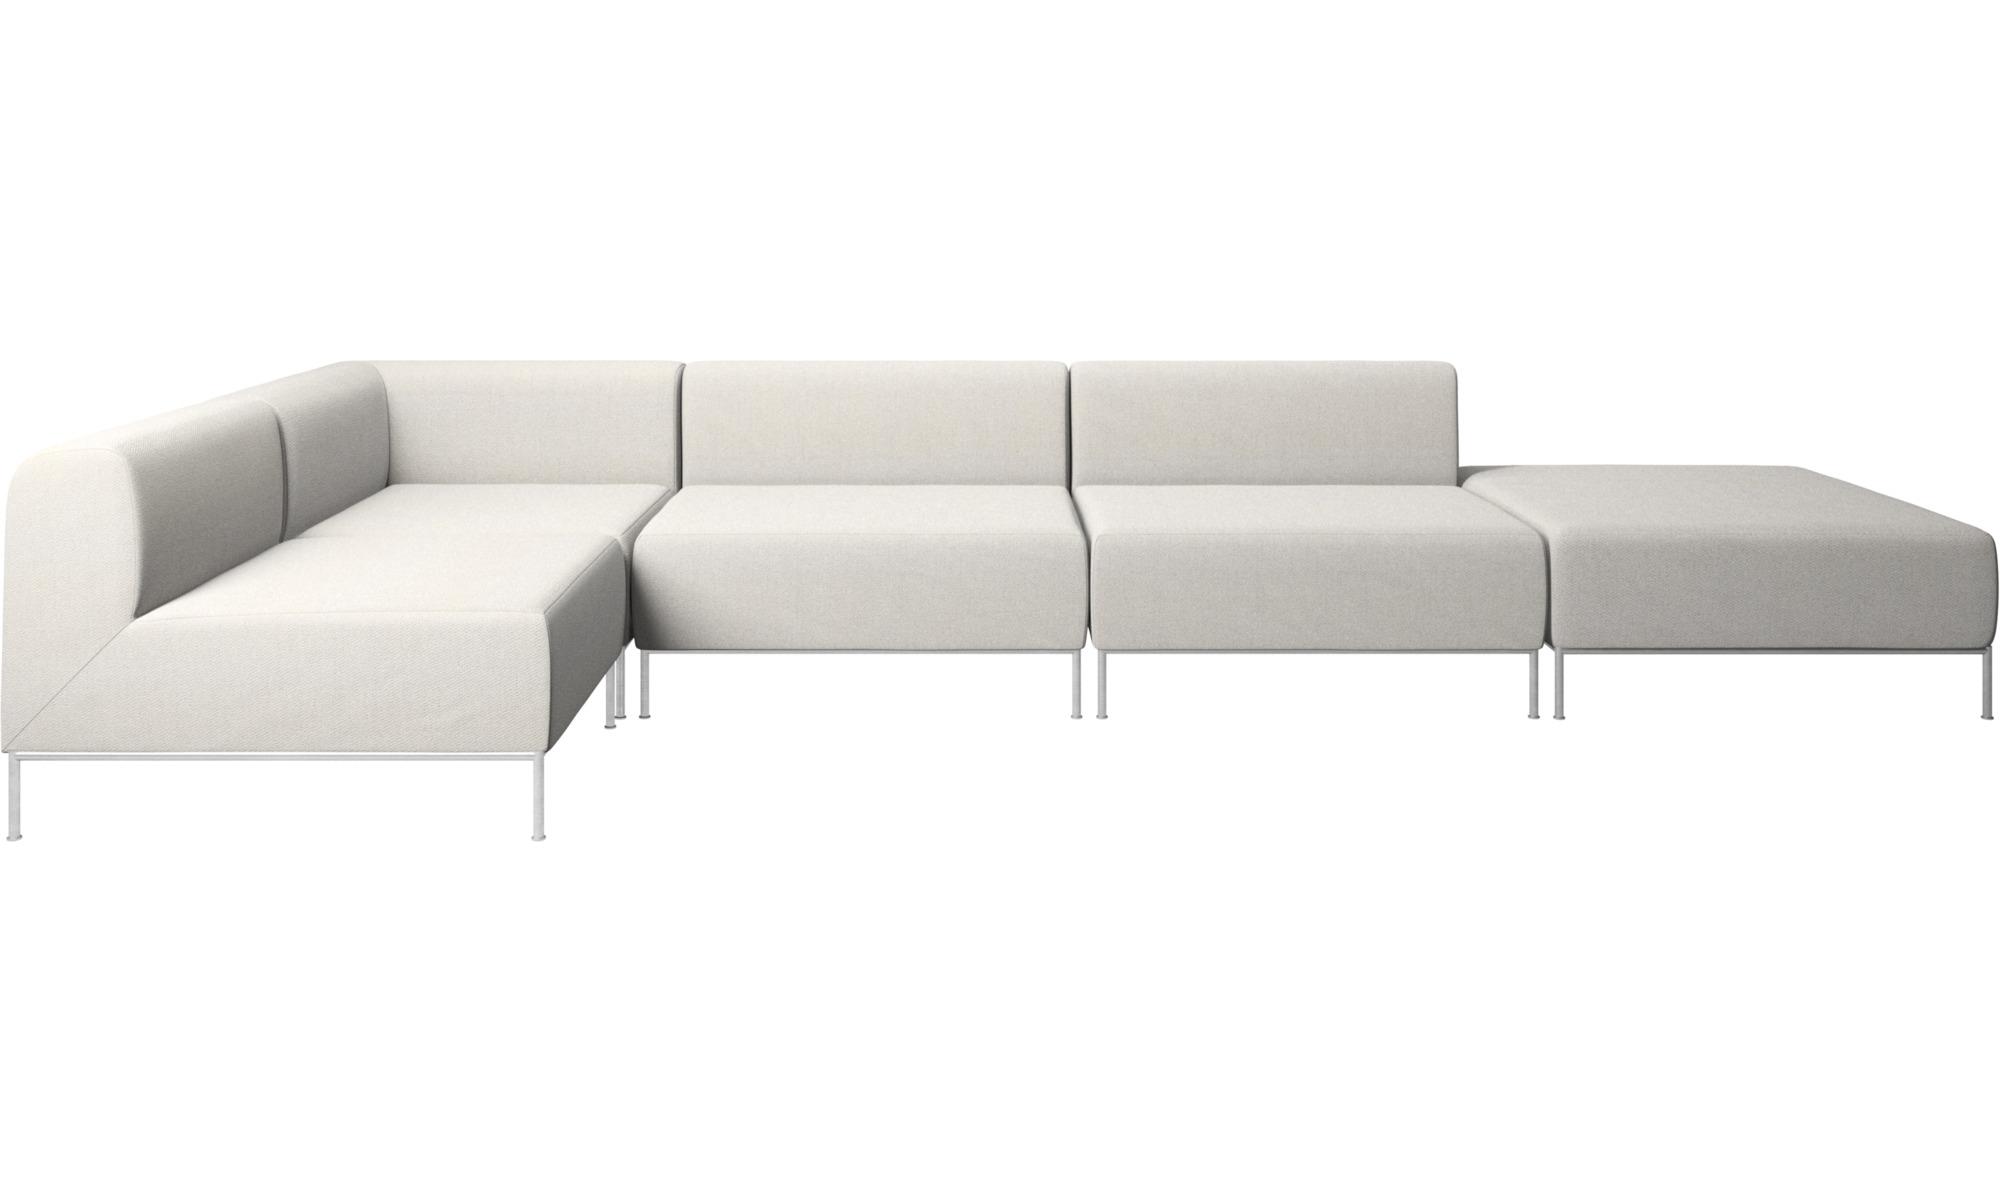 Modulære sofaer - Miami hjørnesofa med puf på højre side - Hvid - Stof